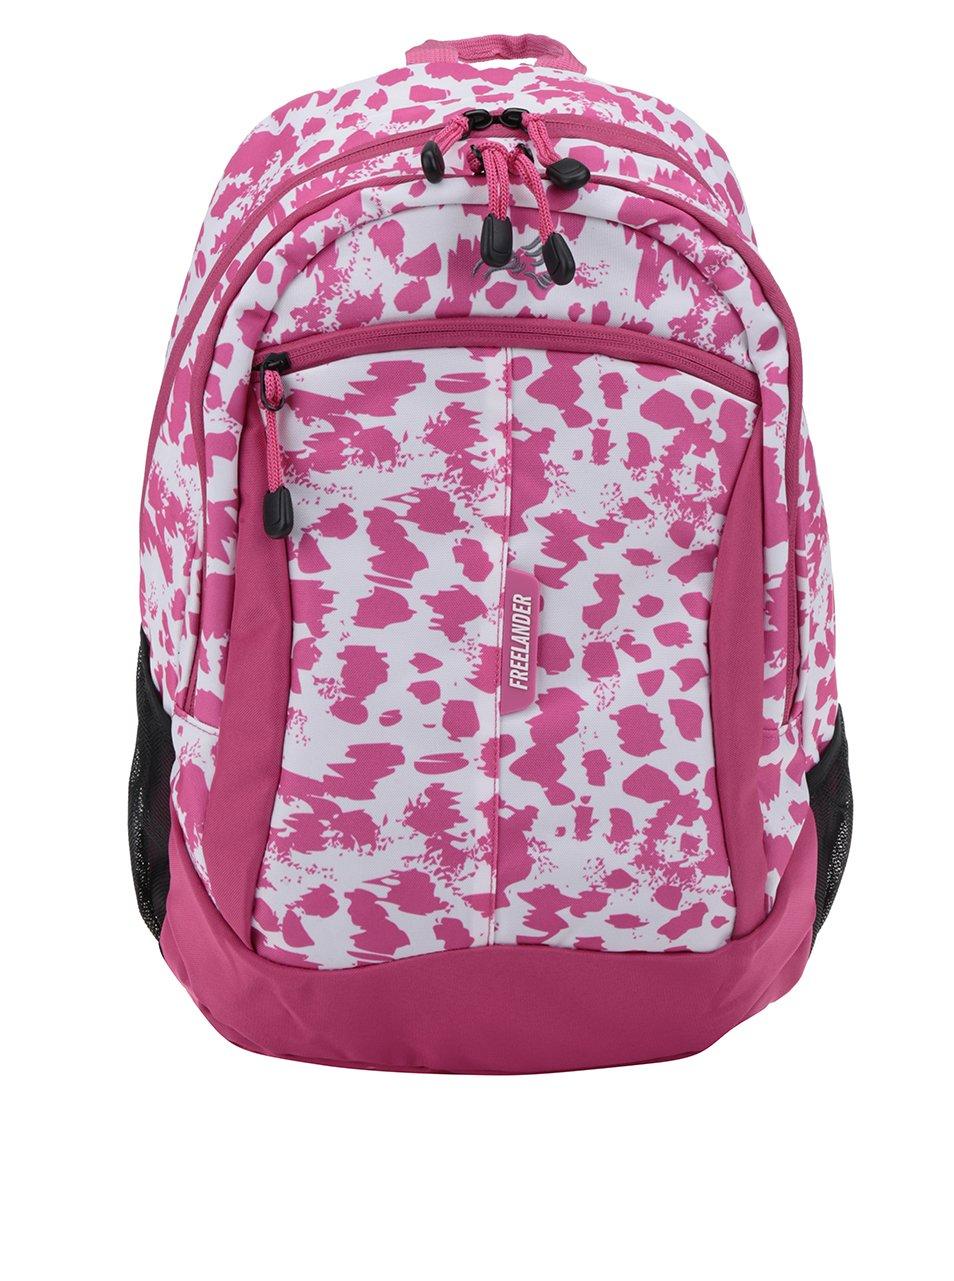 Růžový holčičí vzorovaný batoh Freelander Multi Compartment 30 l